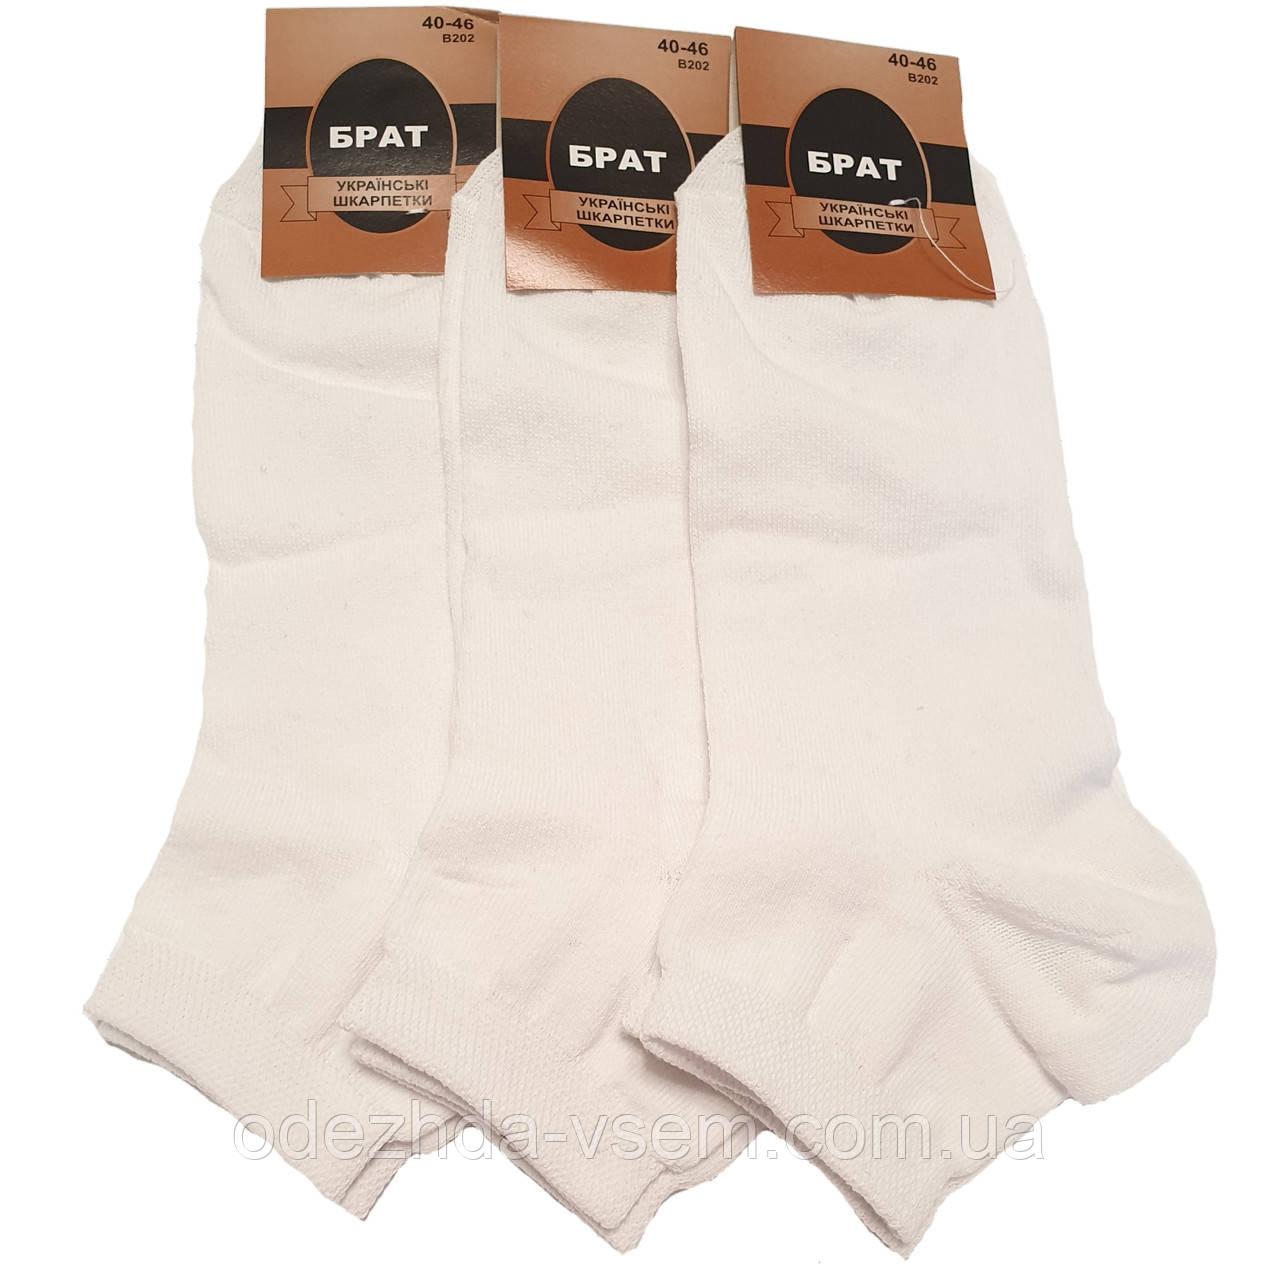 Білі чоловічі шкарпетки з бамбуком